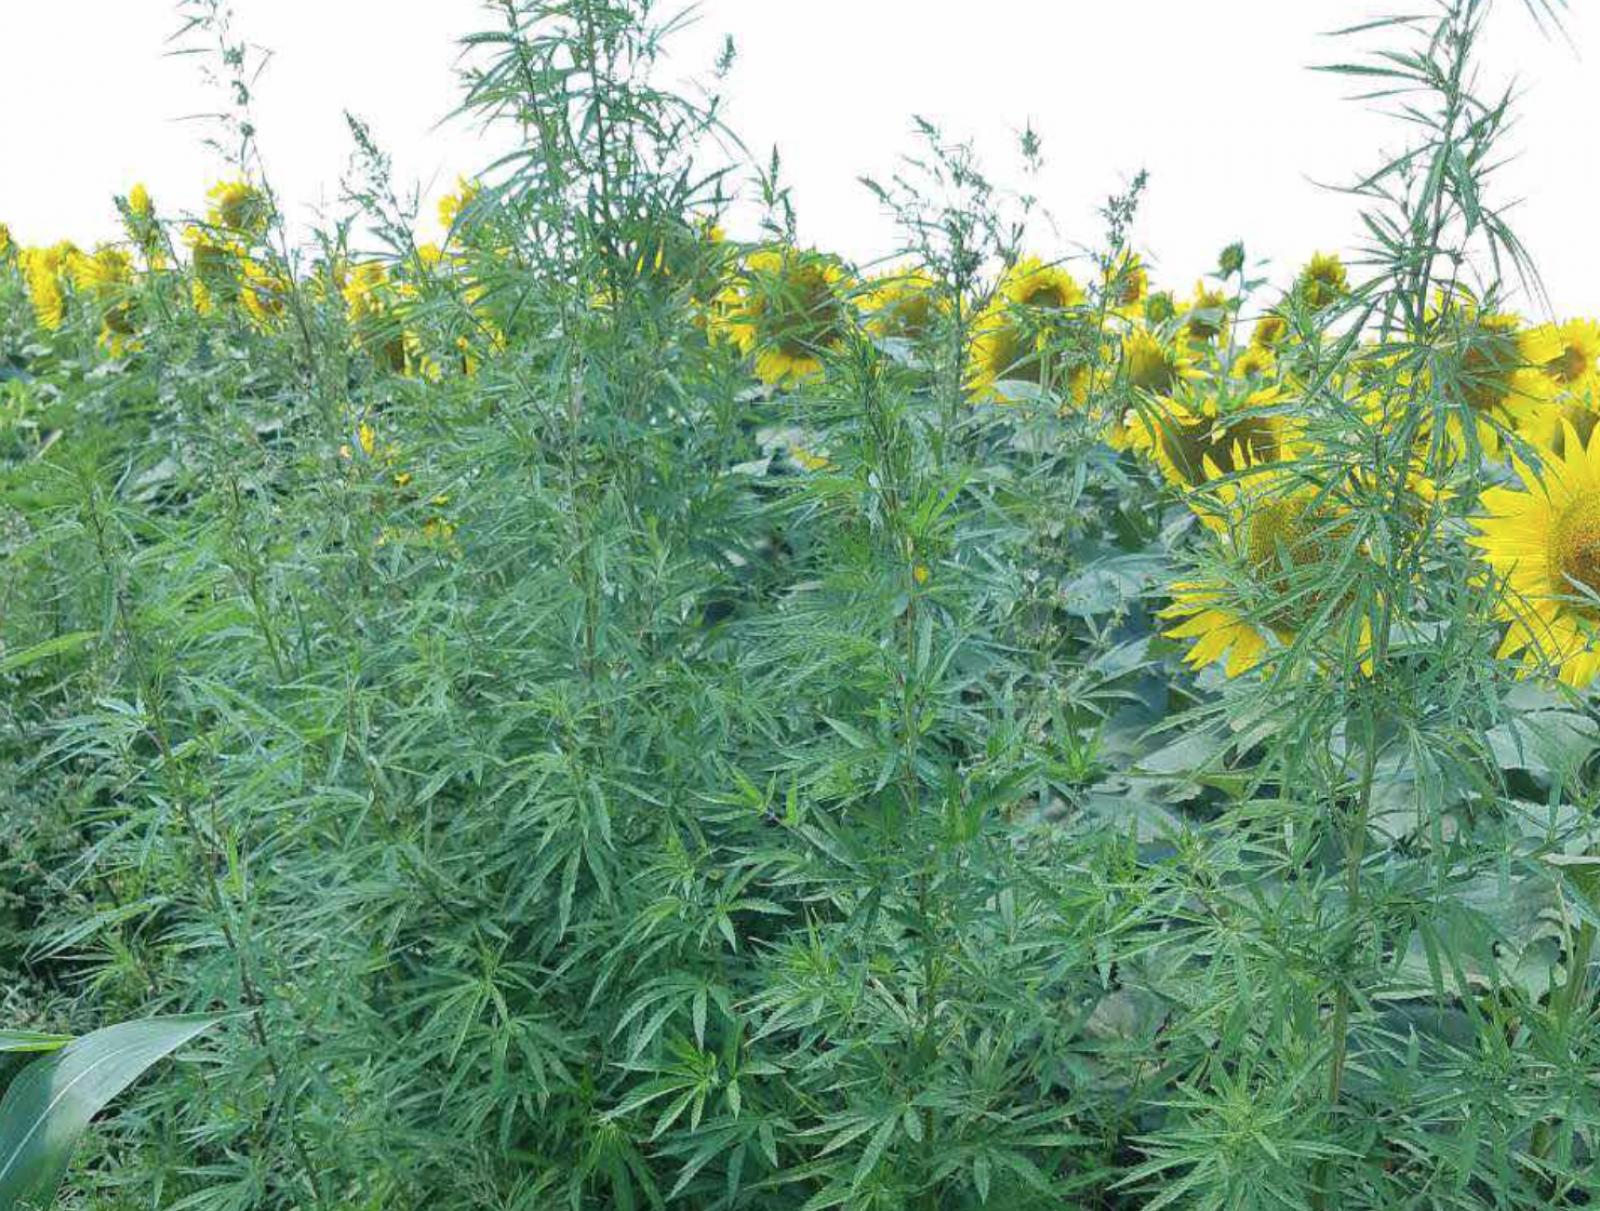 200 de plante de cânepă au fost descoperite într-un lan cu floarea-soarelui